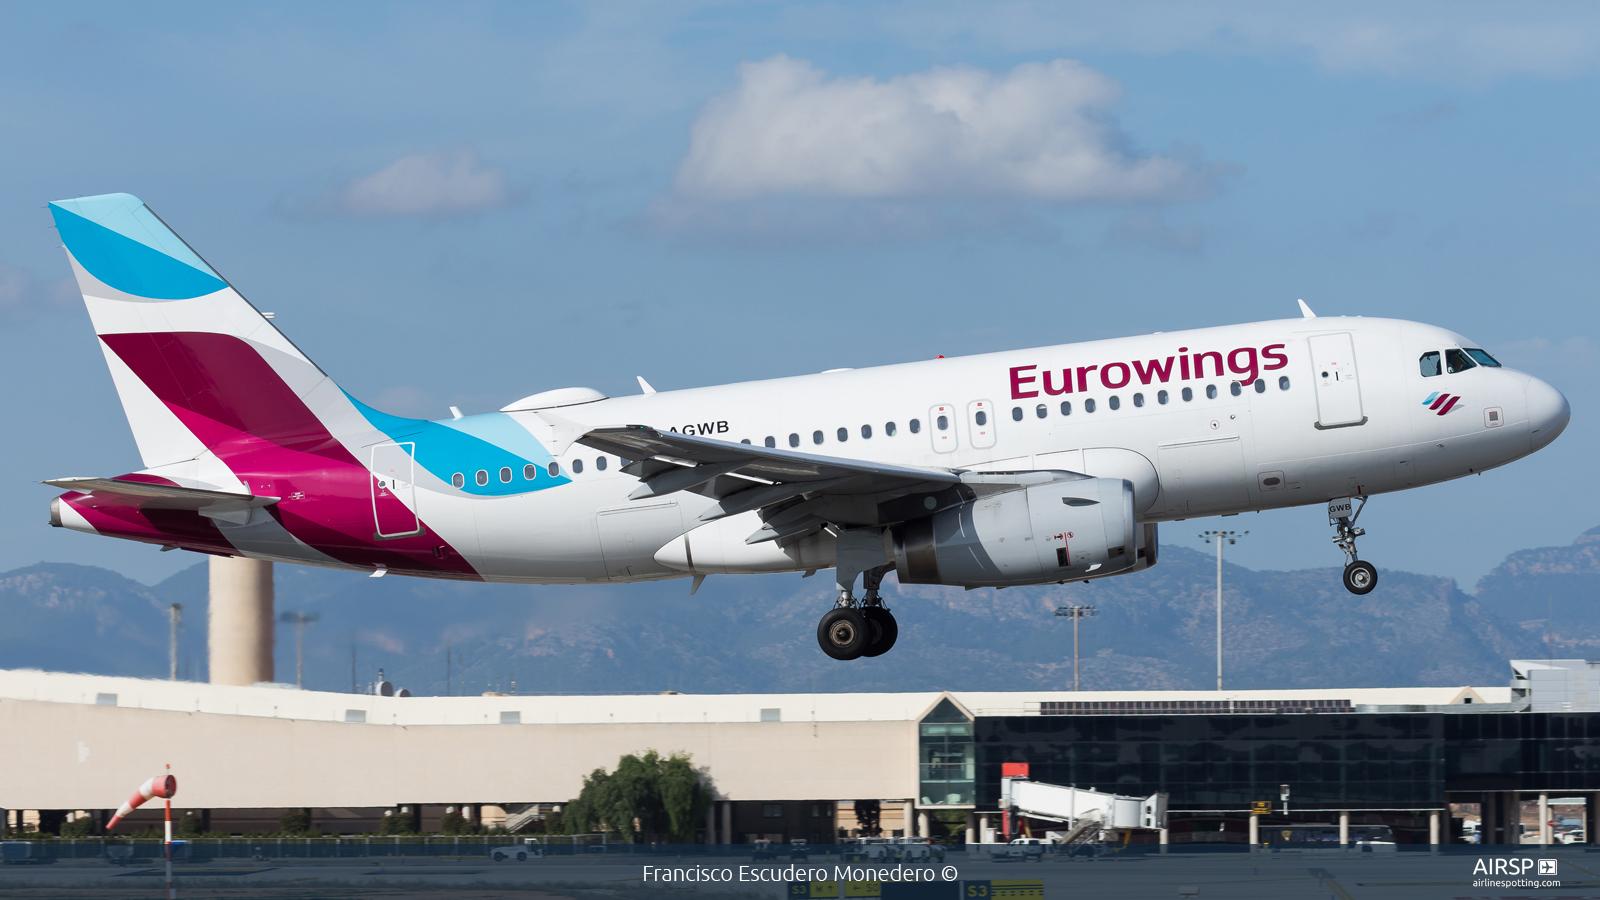 Eurowings  Airbus A319  D-AGWB